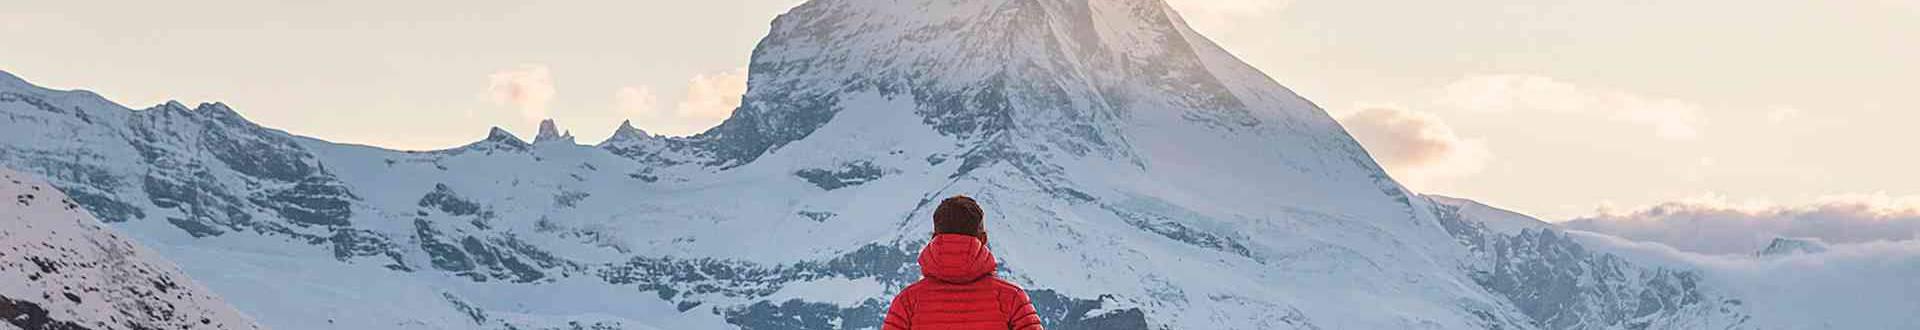 3D Swiss View Sàrl | Martigny Switzerland | 360 3D VR tours